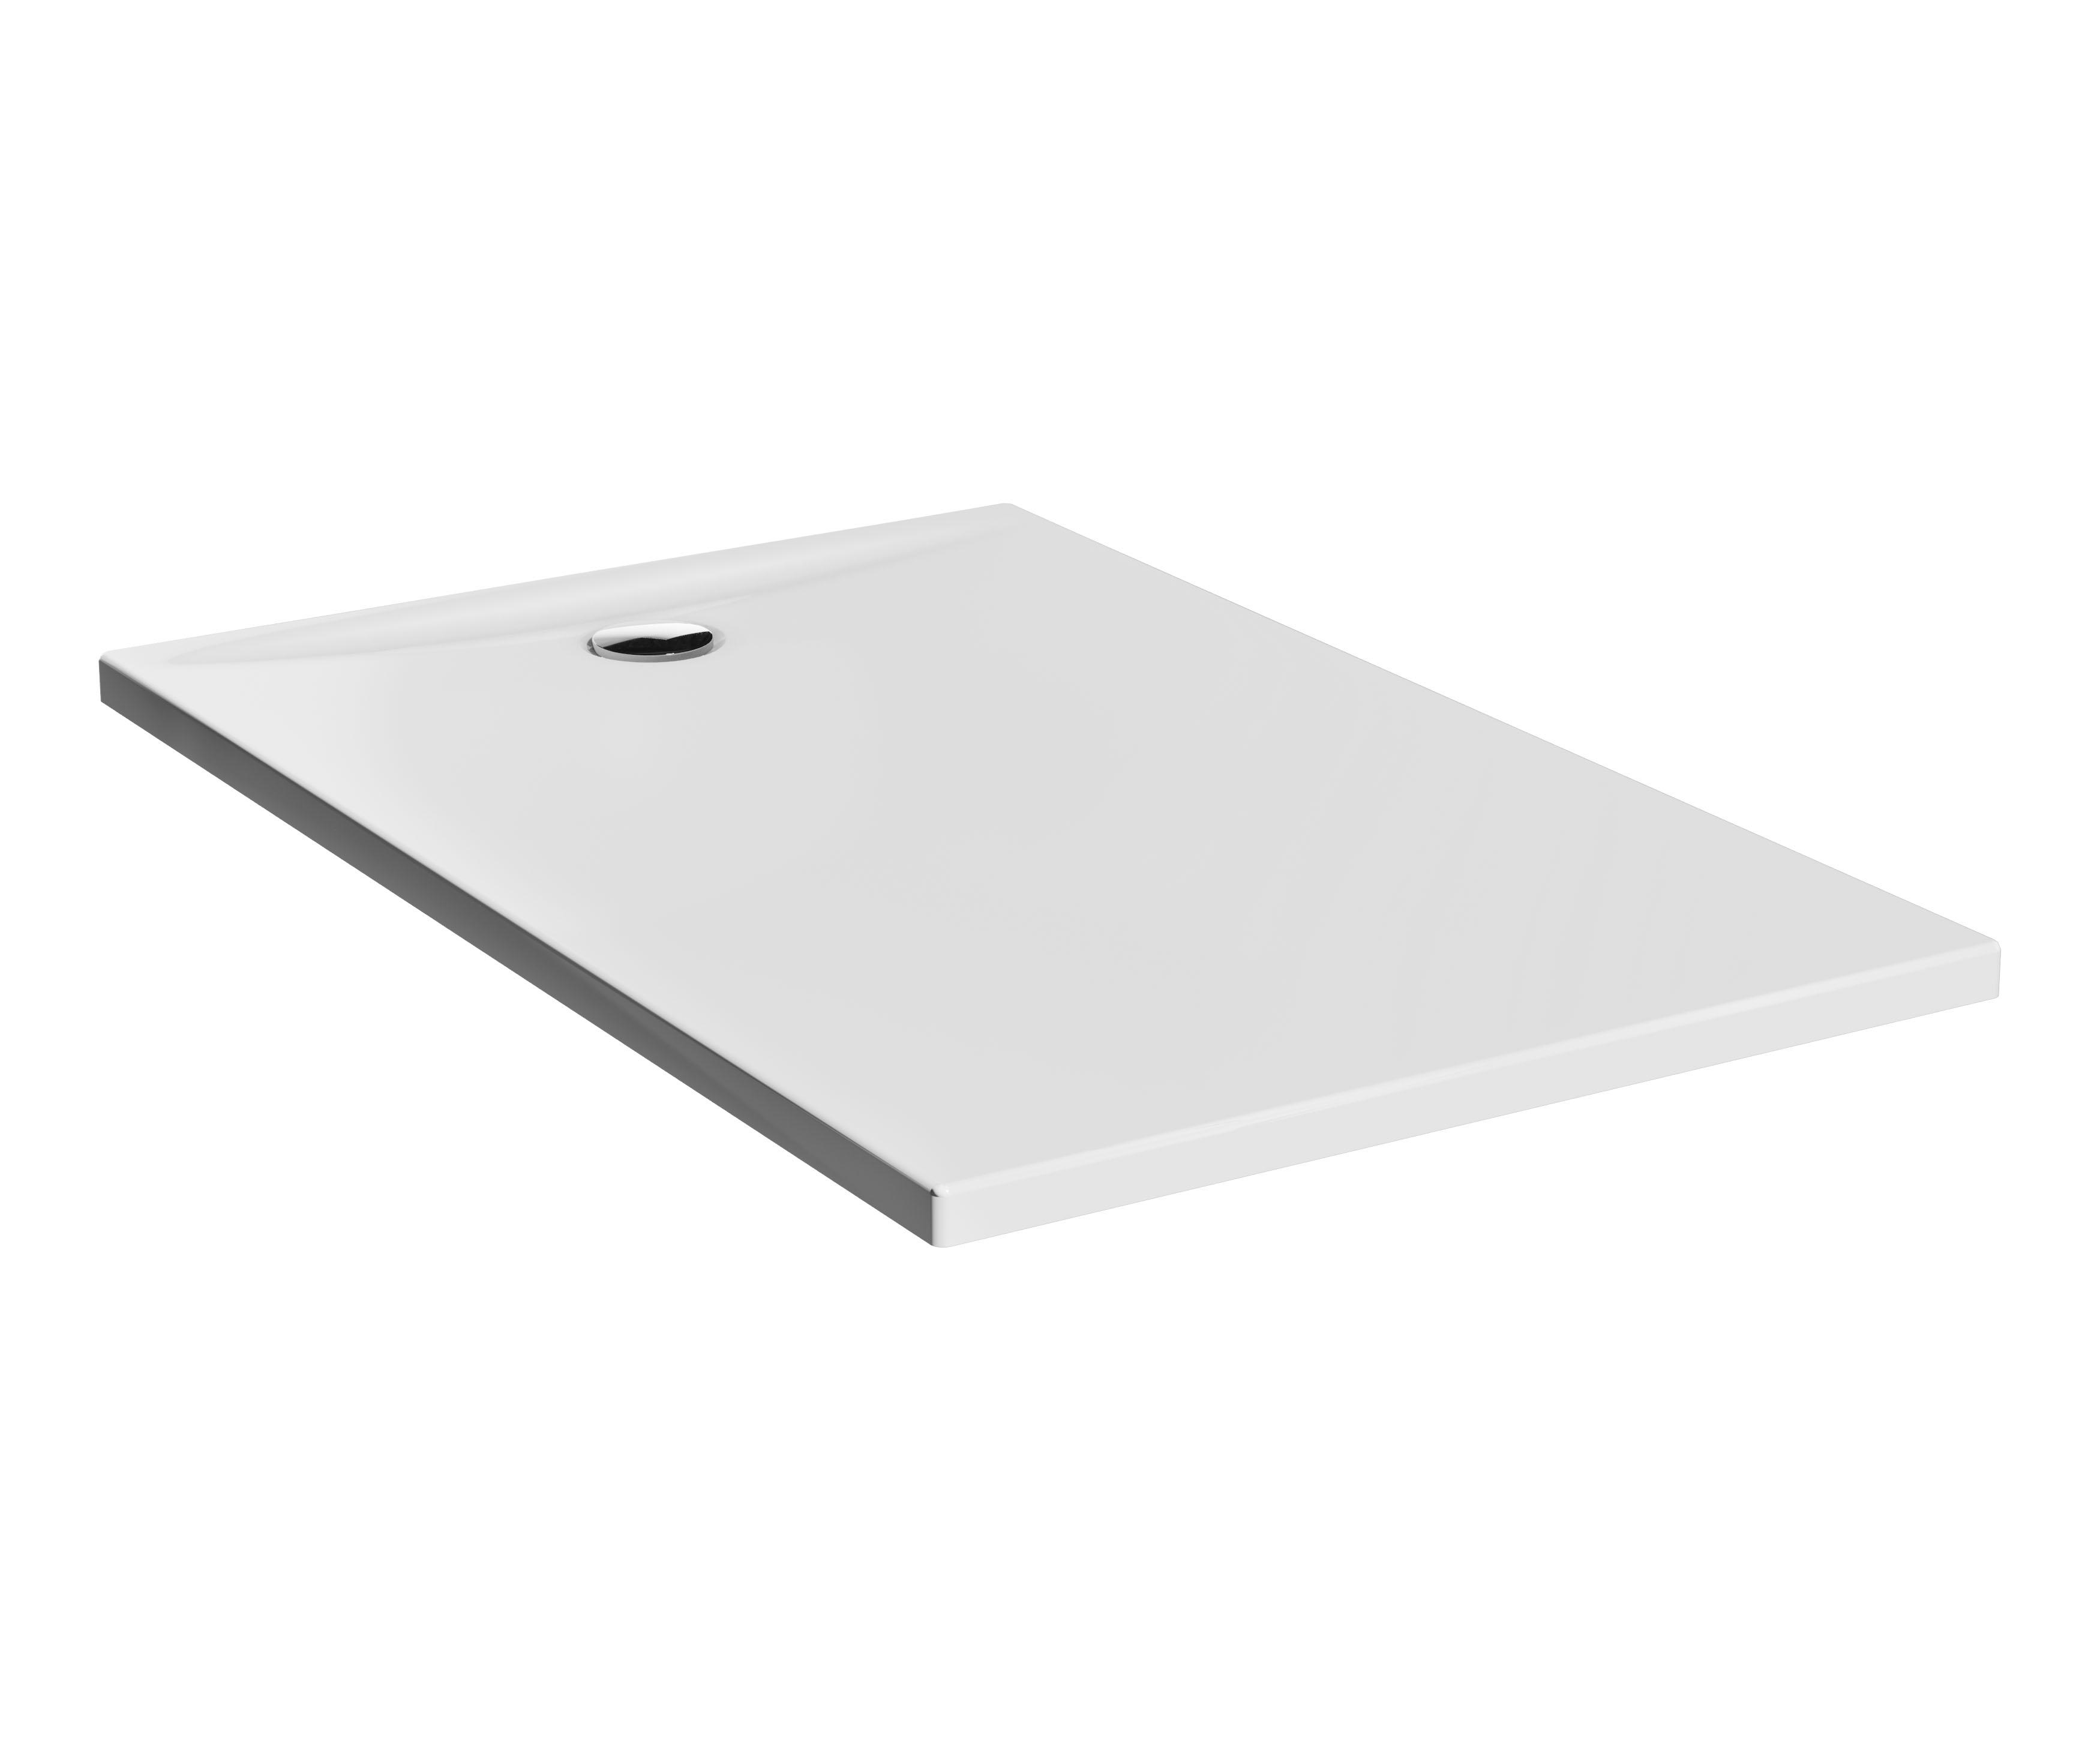 Lagoon receveur ultra plat en céramique, 140  x  90 cm, blanc haute brillance